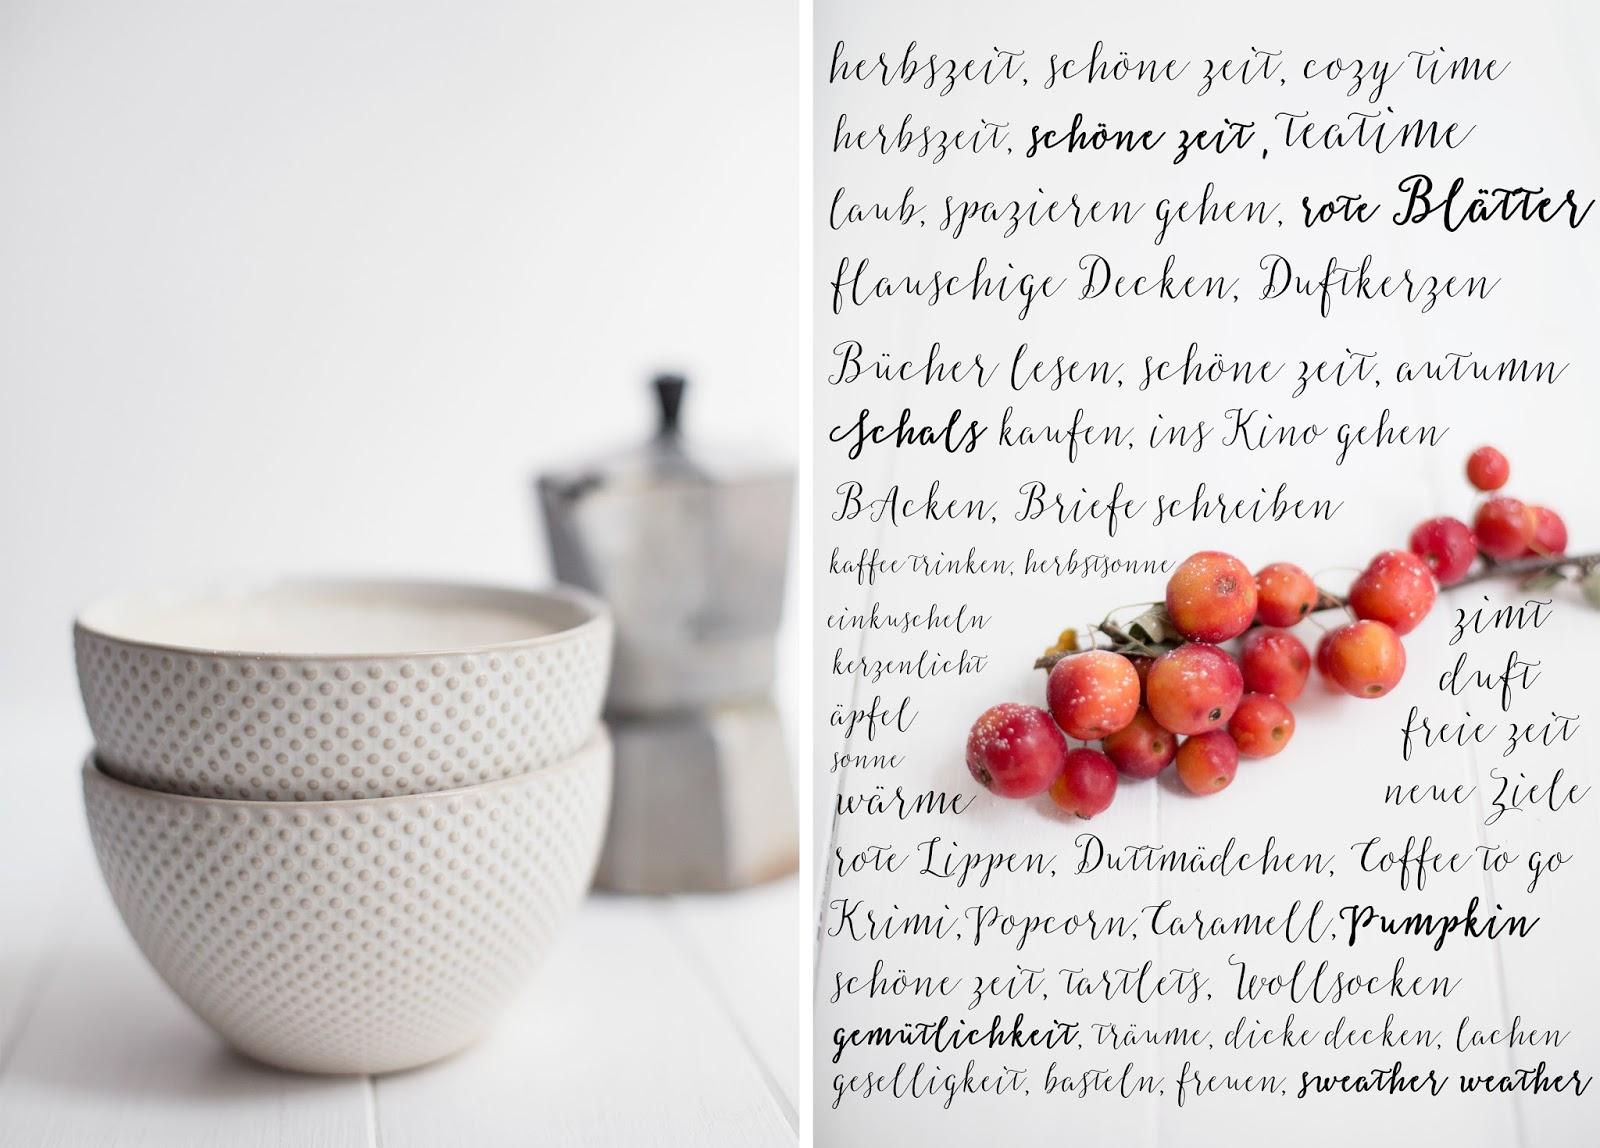 Herbstliche Apfel-Zimt-Tartlets und heißer Kaffee